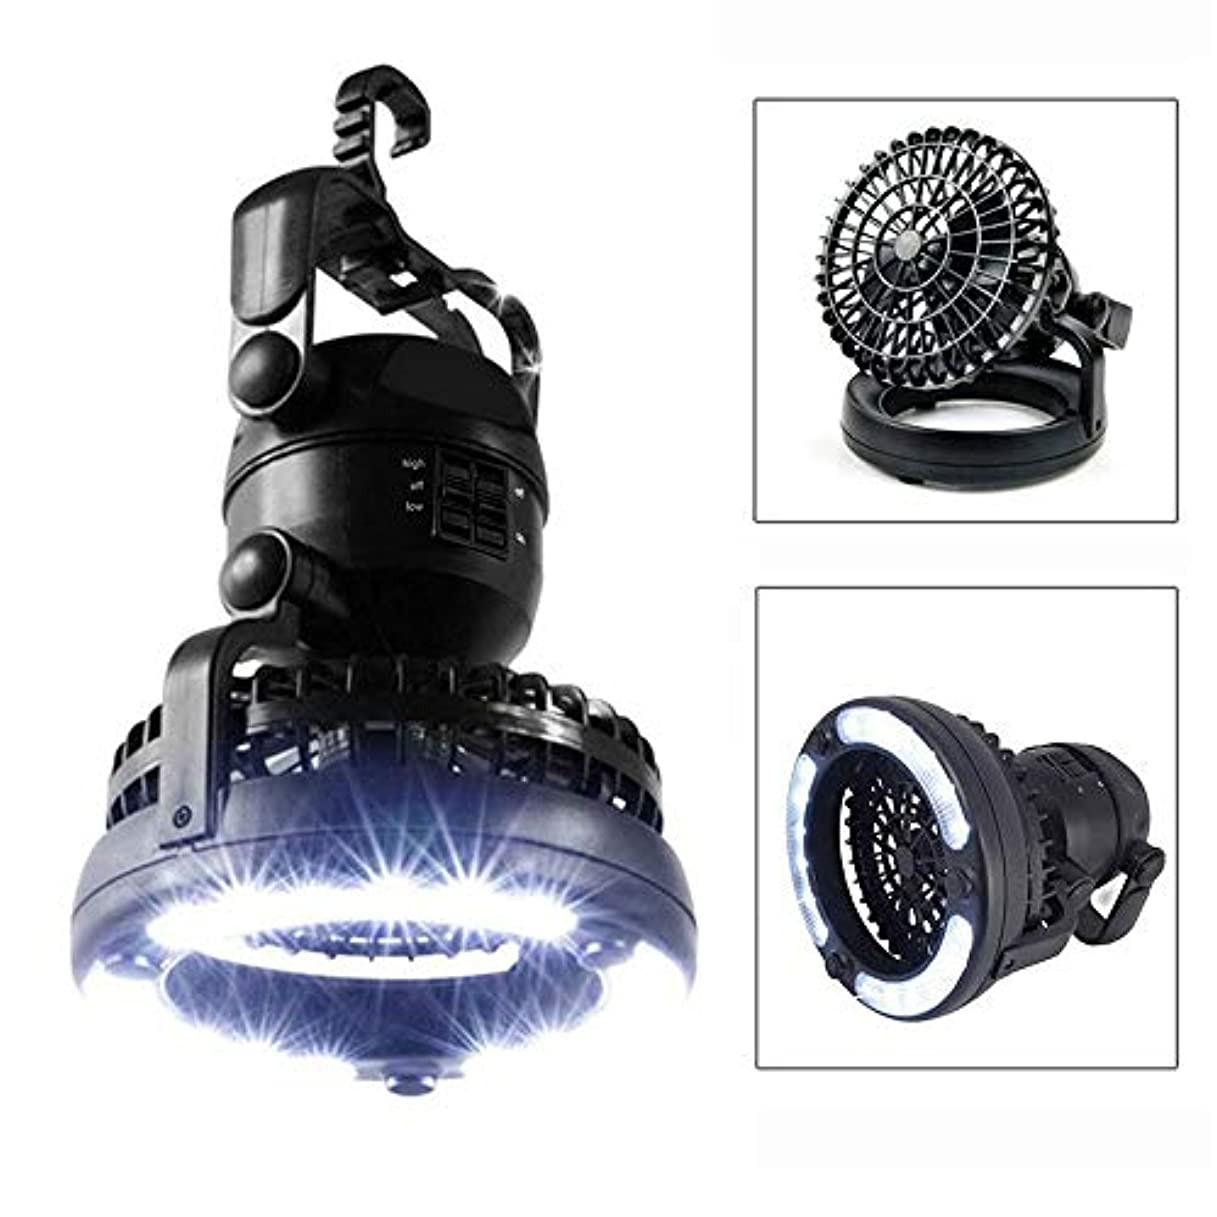 訴えるゴム換気するLEDキャンプランプ、LED懐中電灯の天井ファンが付いている1つの携帯用ランタン360回転停電のための防水防風電池式の非常灯ハイキング、緊急グリル